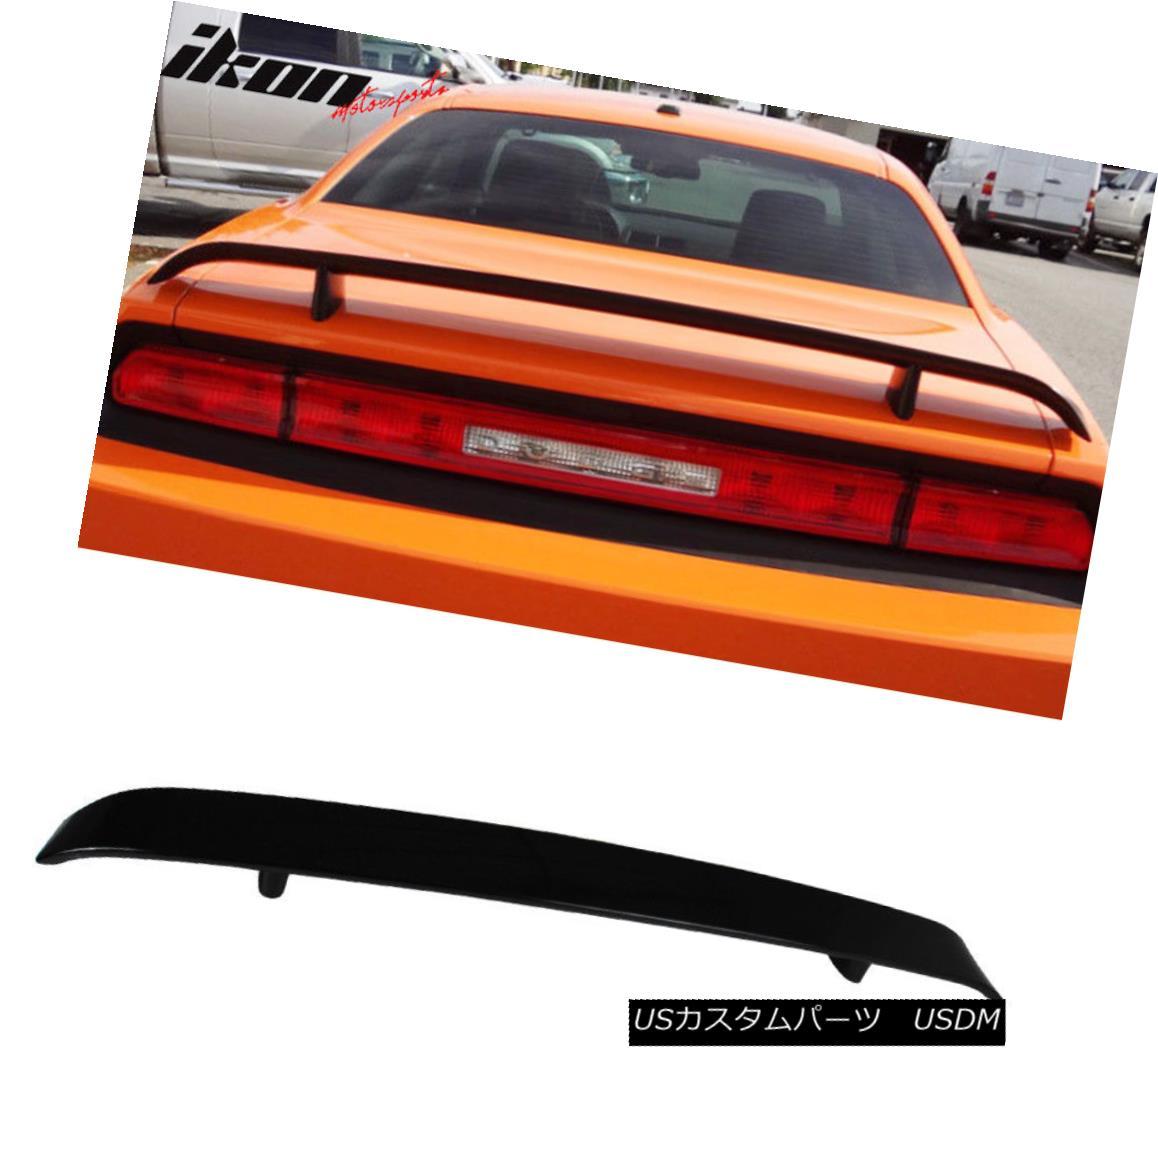 エアロパーツ 08-14 Dodge Challenger OE Trunk Spoiler Painted #PXR Brilliant Black Pearl 08-14ダッジチャレンジャーOEトランク・スポイラー#PXRブリリアント・ブラック・パール